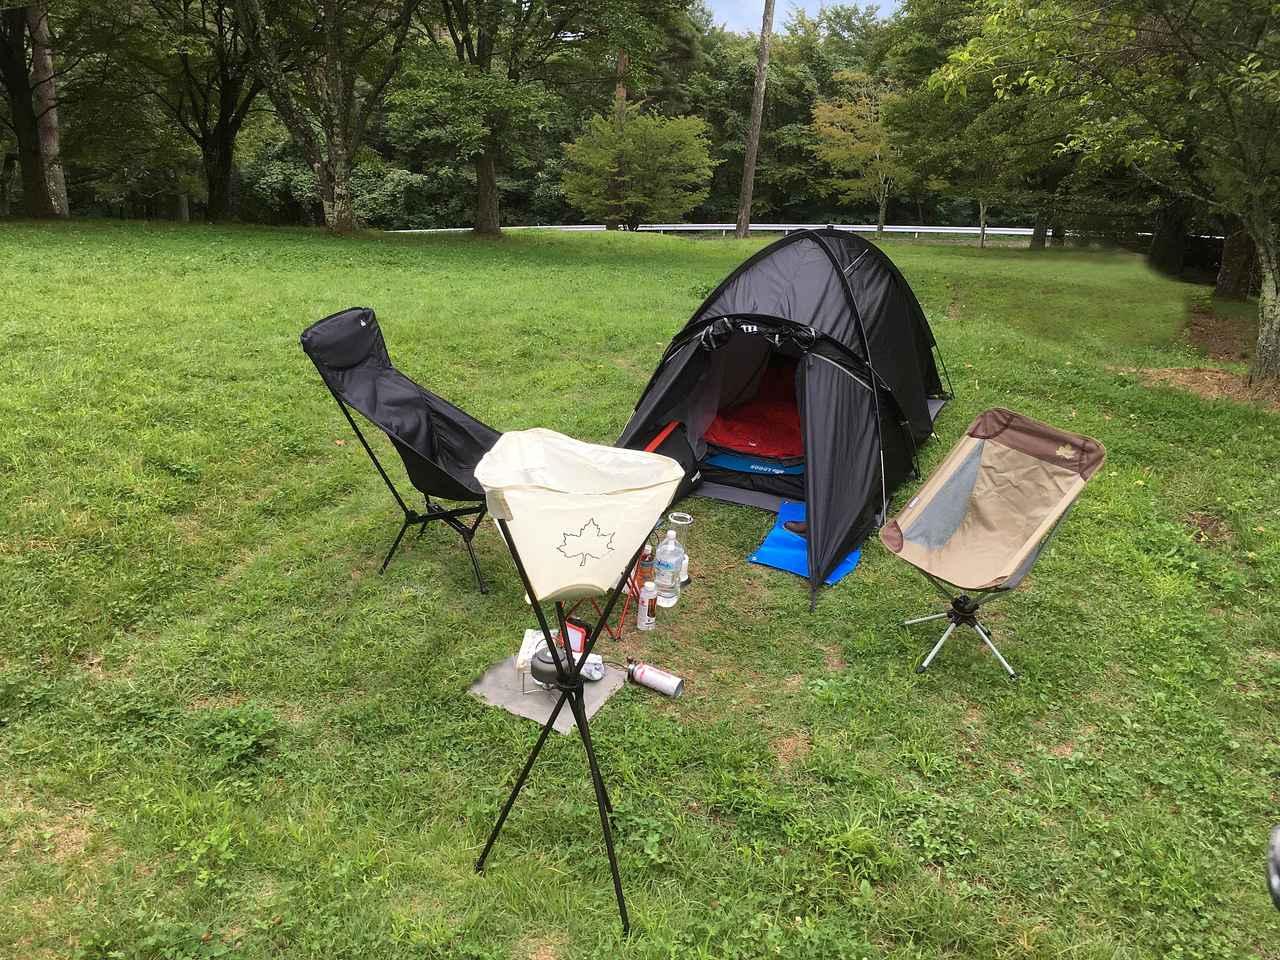 <キャンプやろうぜ> その(1) まずこれだけ揃えよーぜ!~これで春からキャンプツアラー!